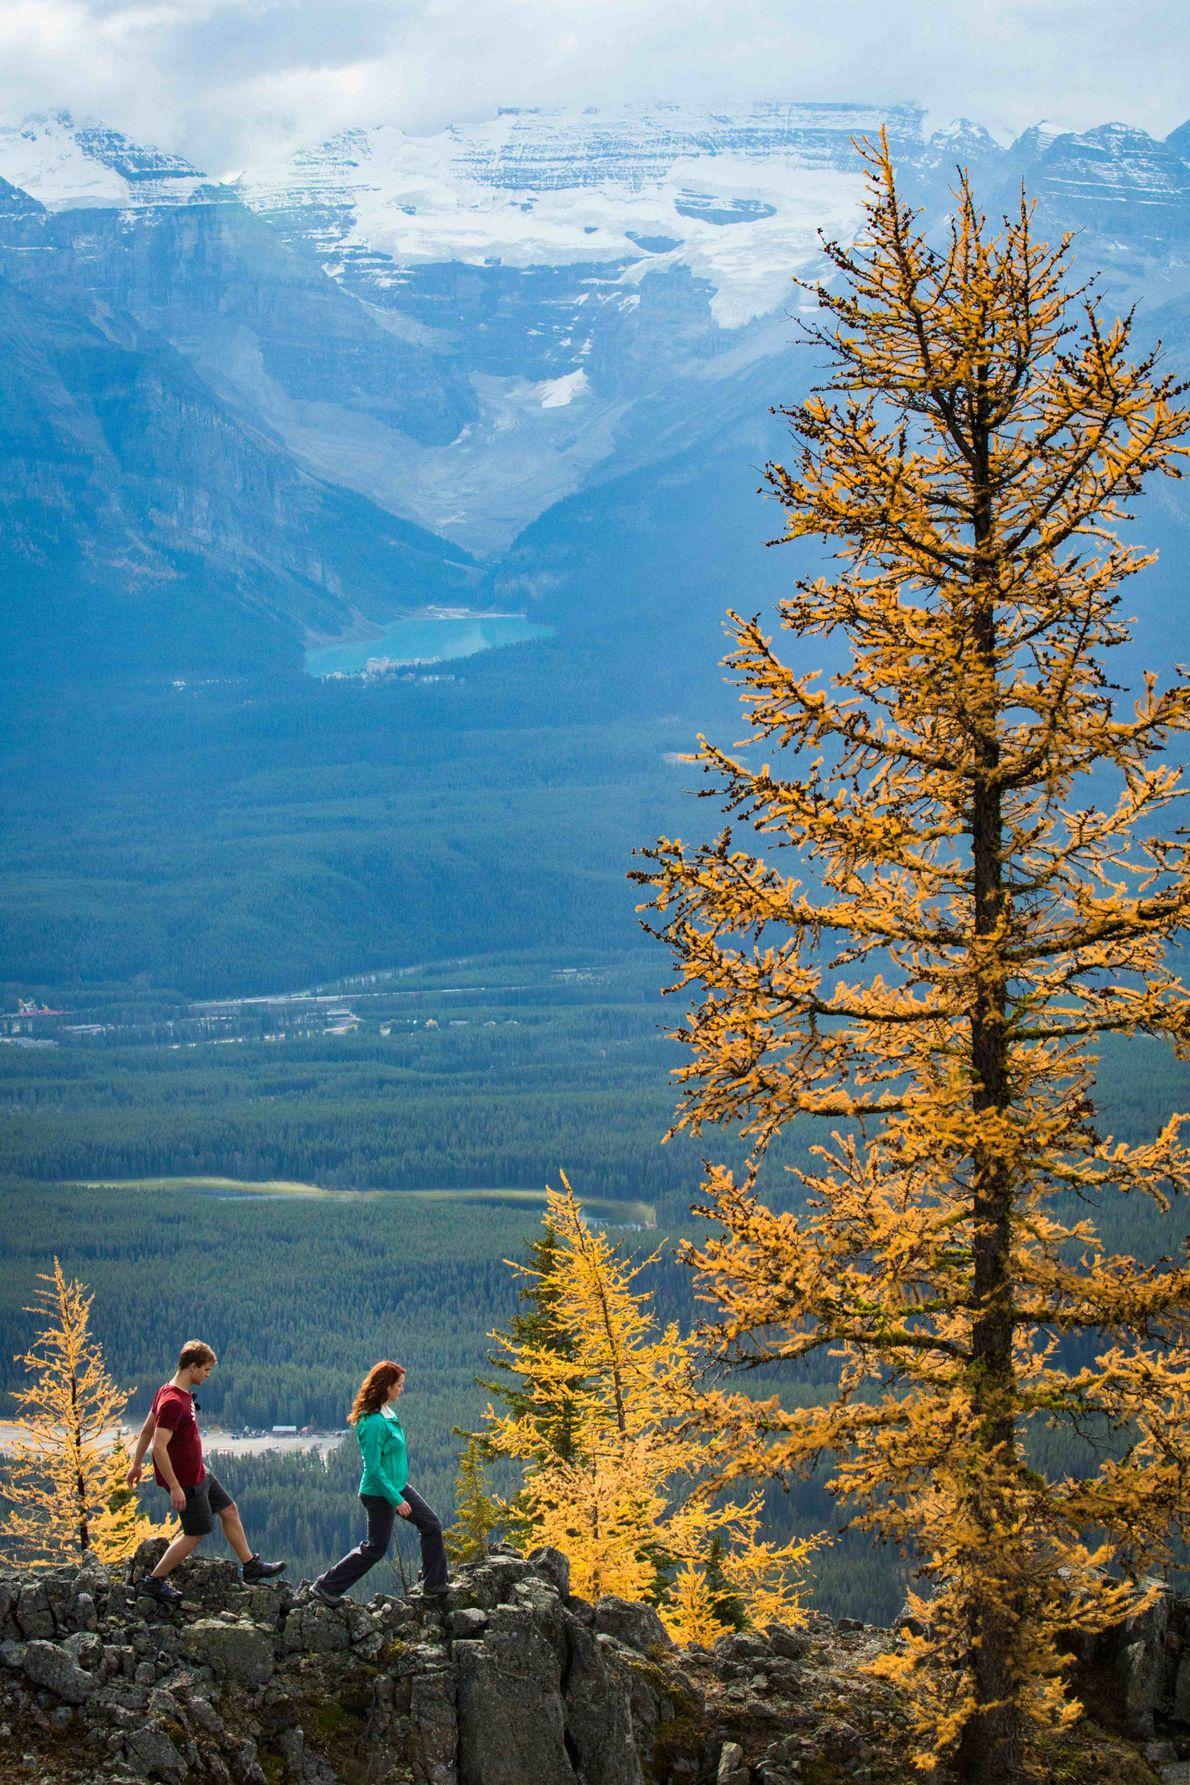 Rund um den Lake Louise gibt es Wanderwege in allen Schwierigkeitsgraden, die atemberaubende Aussichten bieten.